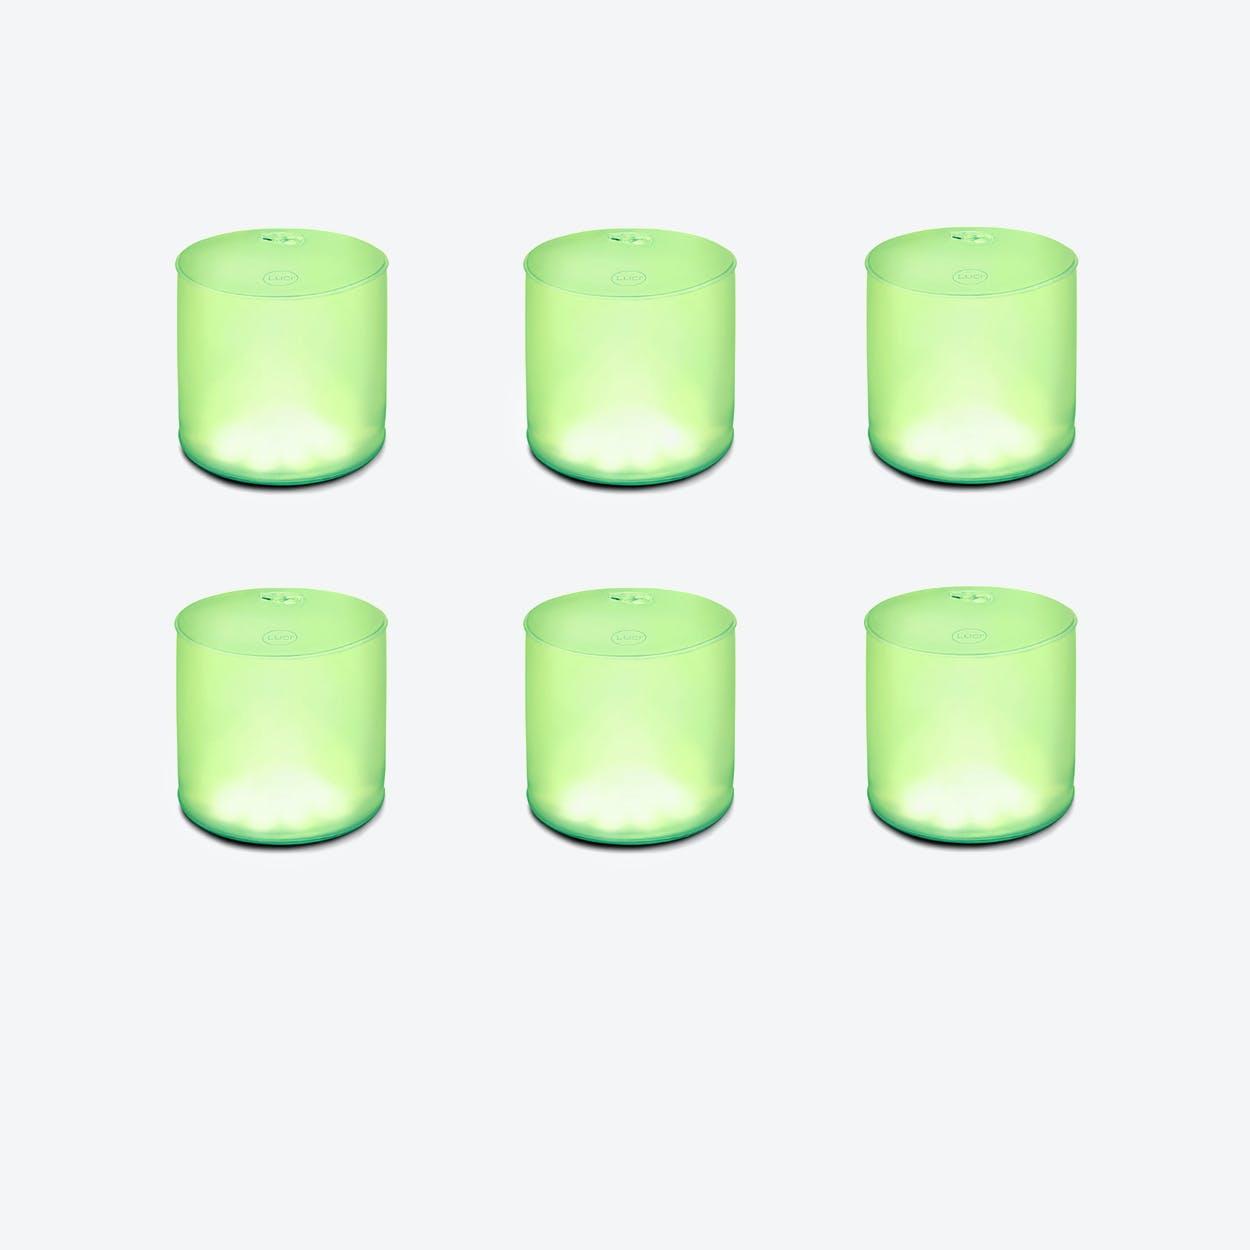 """Luci """"Color Essence"""" Portable Solar Lamp (6 Units)"""